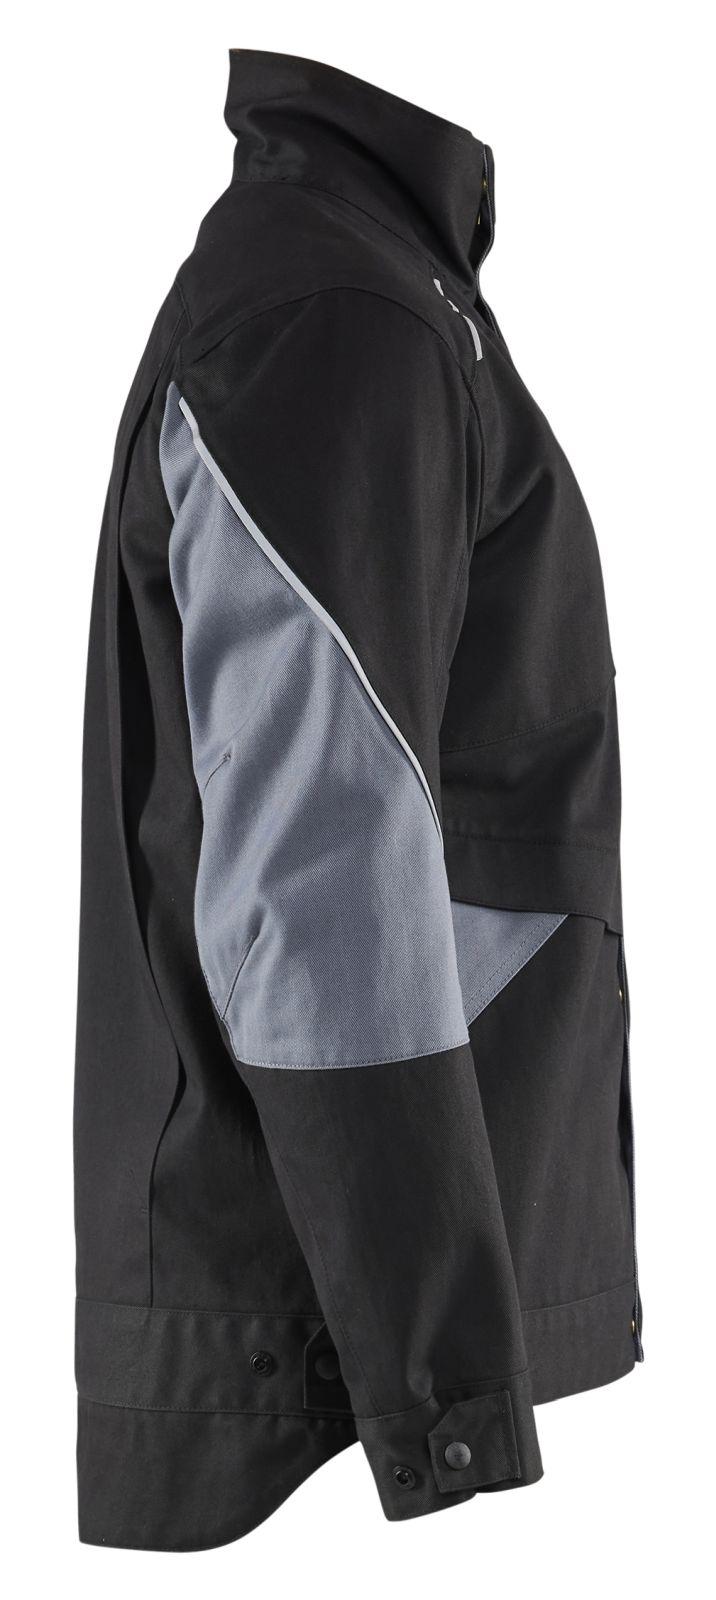 Blaklader Combi-jacks 40611516 Vlamvertragend zwart-grijs(9994)